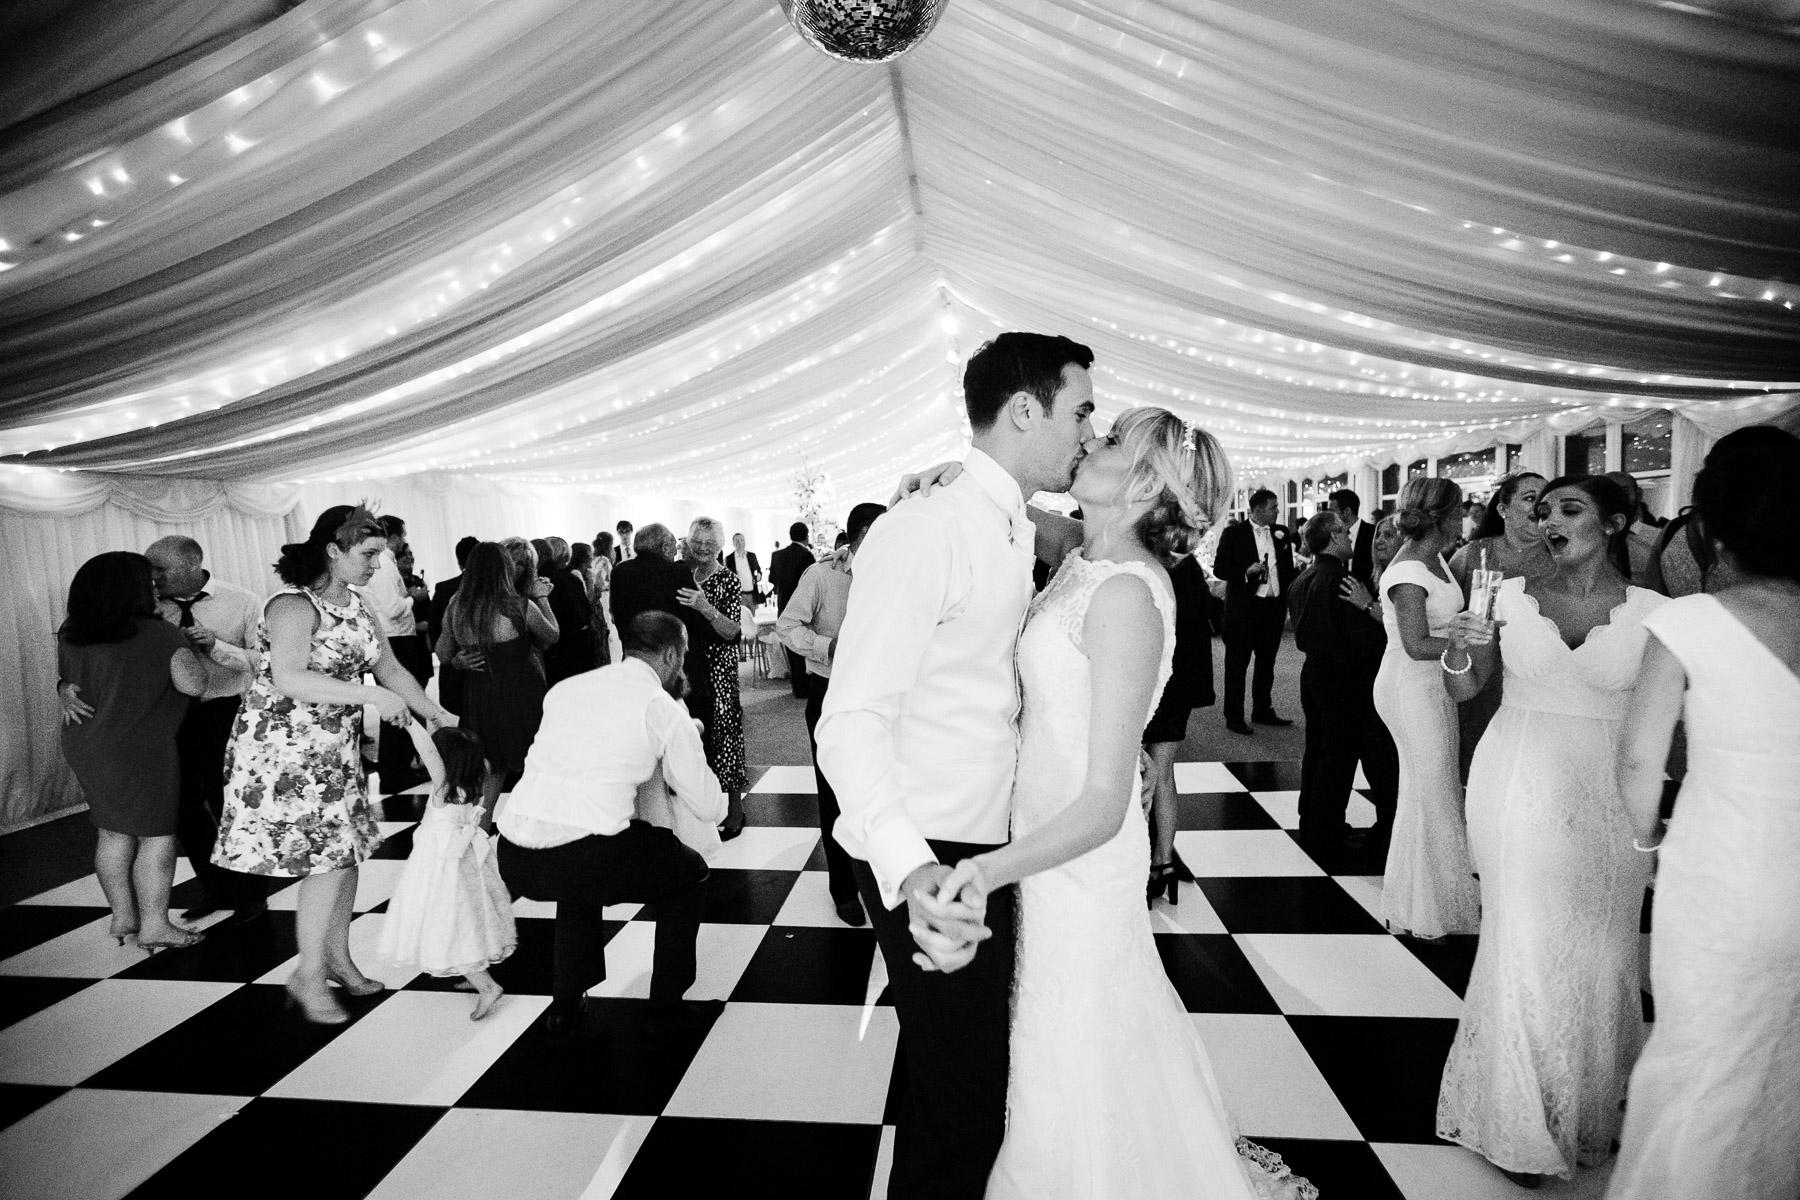 wedding portfolio 25-09-17  024.jpg